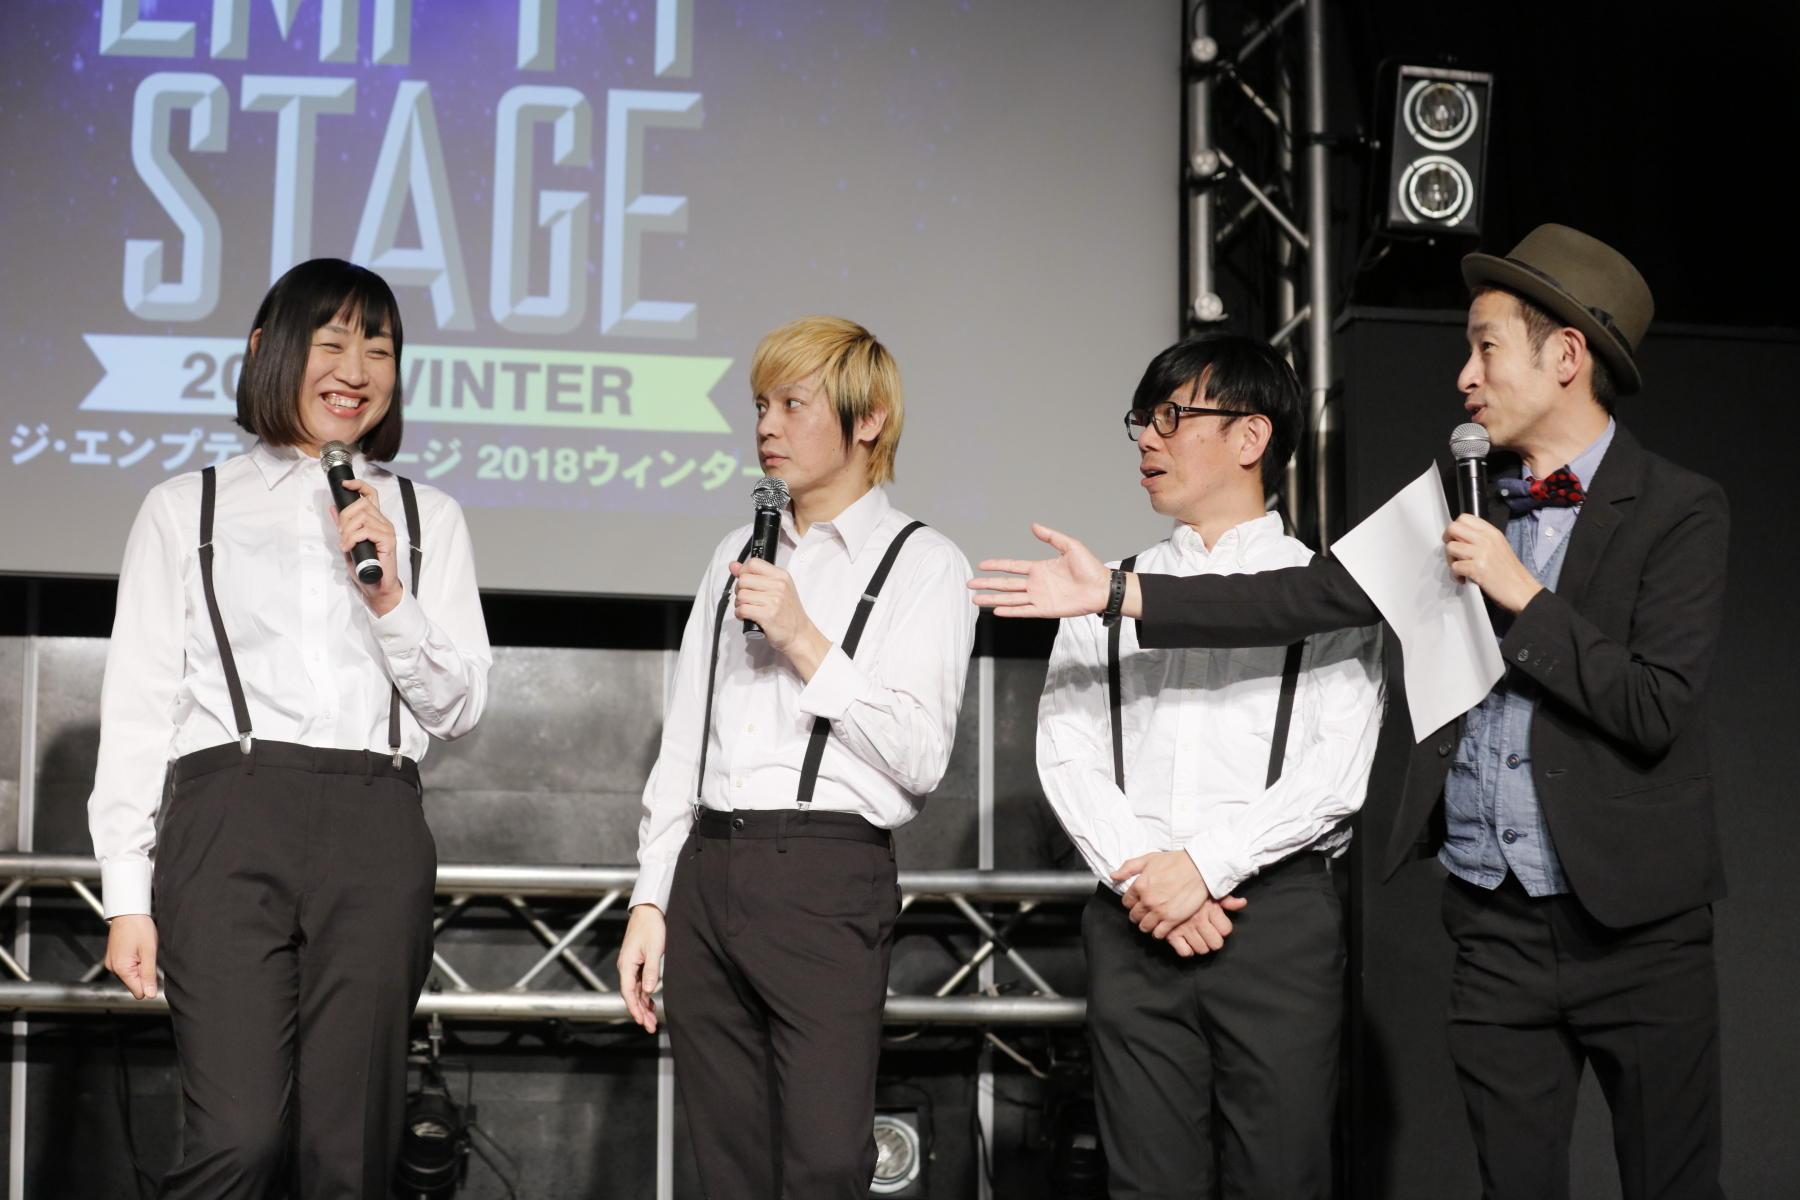 http://news.yoshimoto.co.jp/20180211000311-237c53f0c8a948a9efbd93a030f8f972c8113ecd.jpg